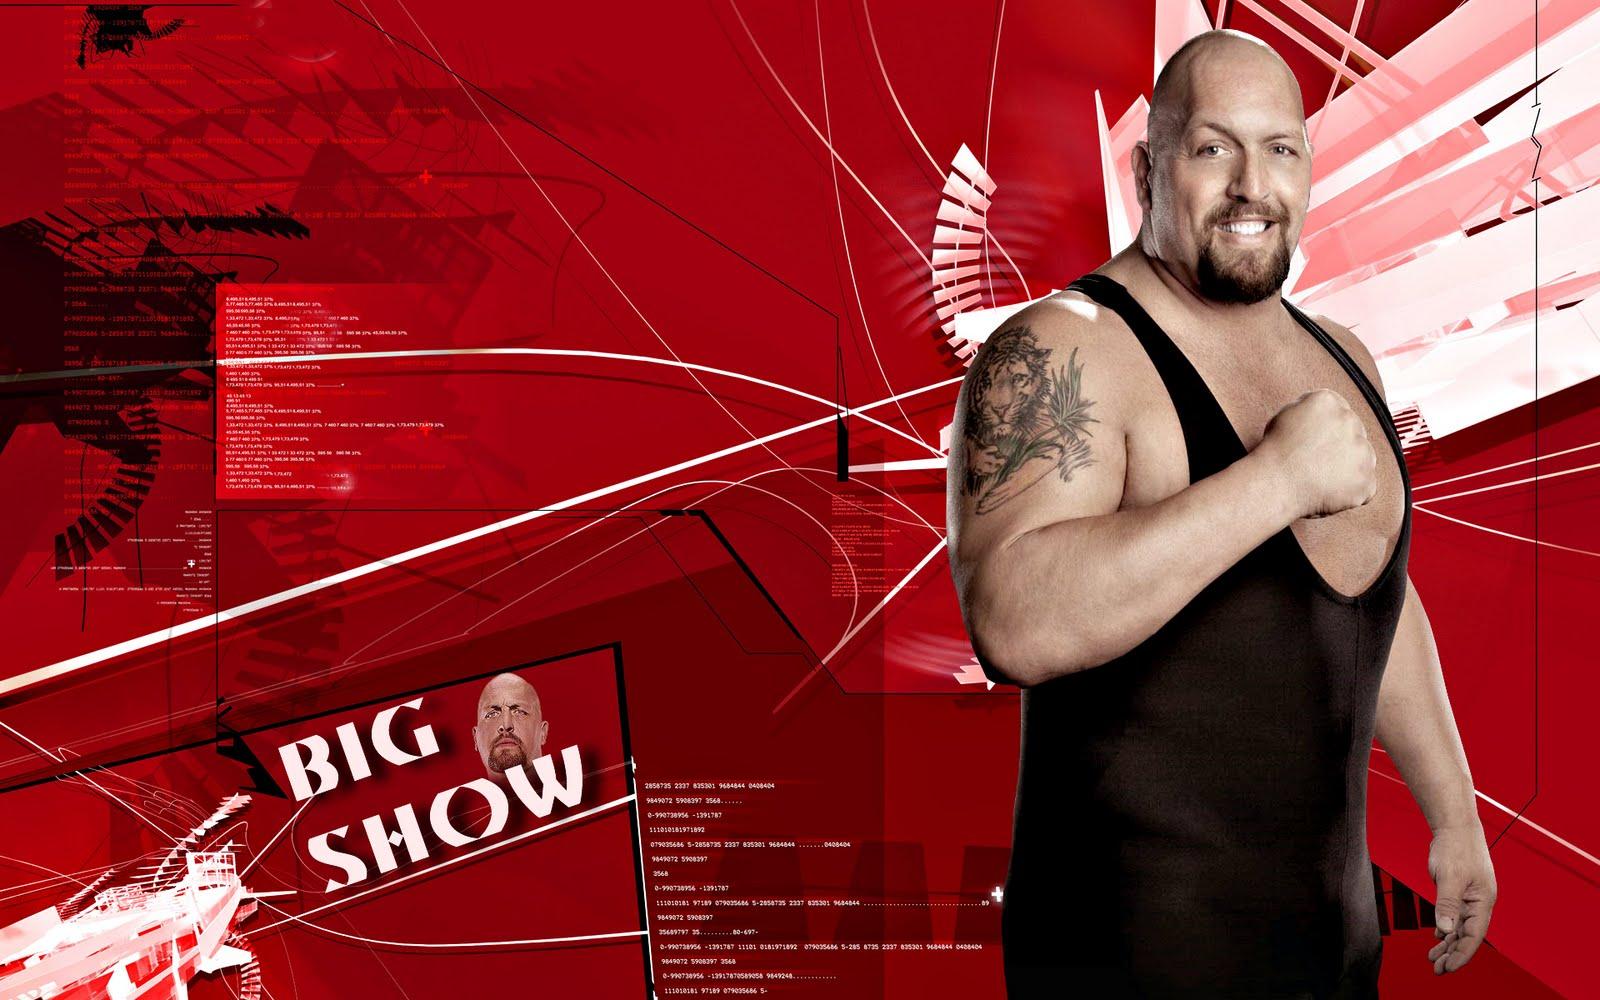 http://3.bp.blogspot.com/-mDuXdUNnWTo/TkF5vaFqNTI/AAAAAAAAApk/QzJJEBSKALQ/s1600/wwe_big_show_wallpaper_by_gogeta126-d30qurp.jpg